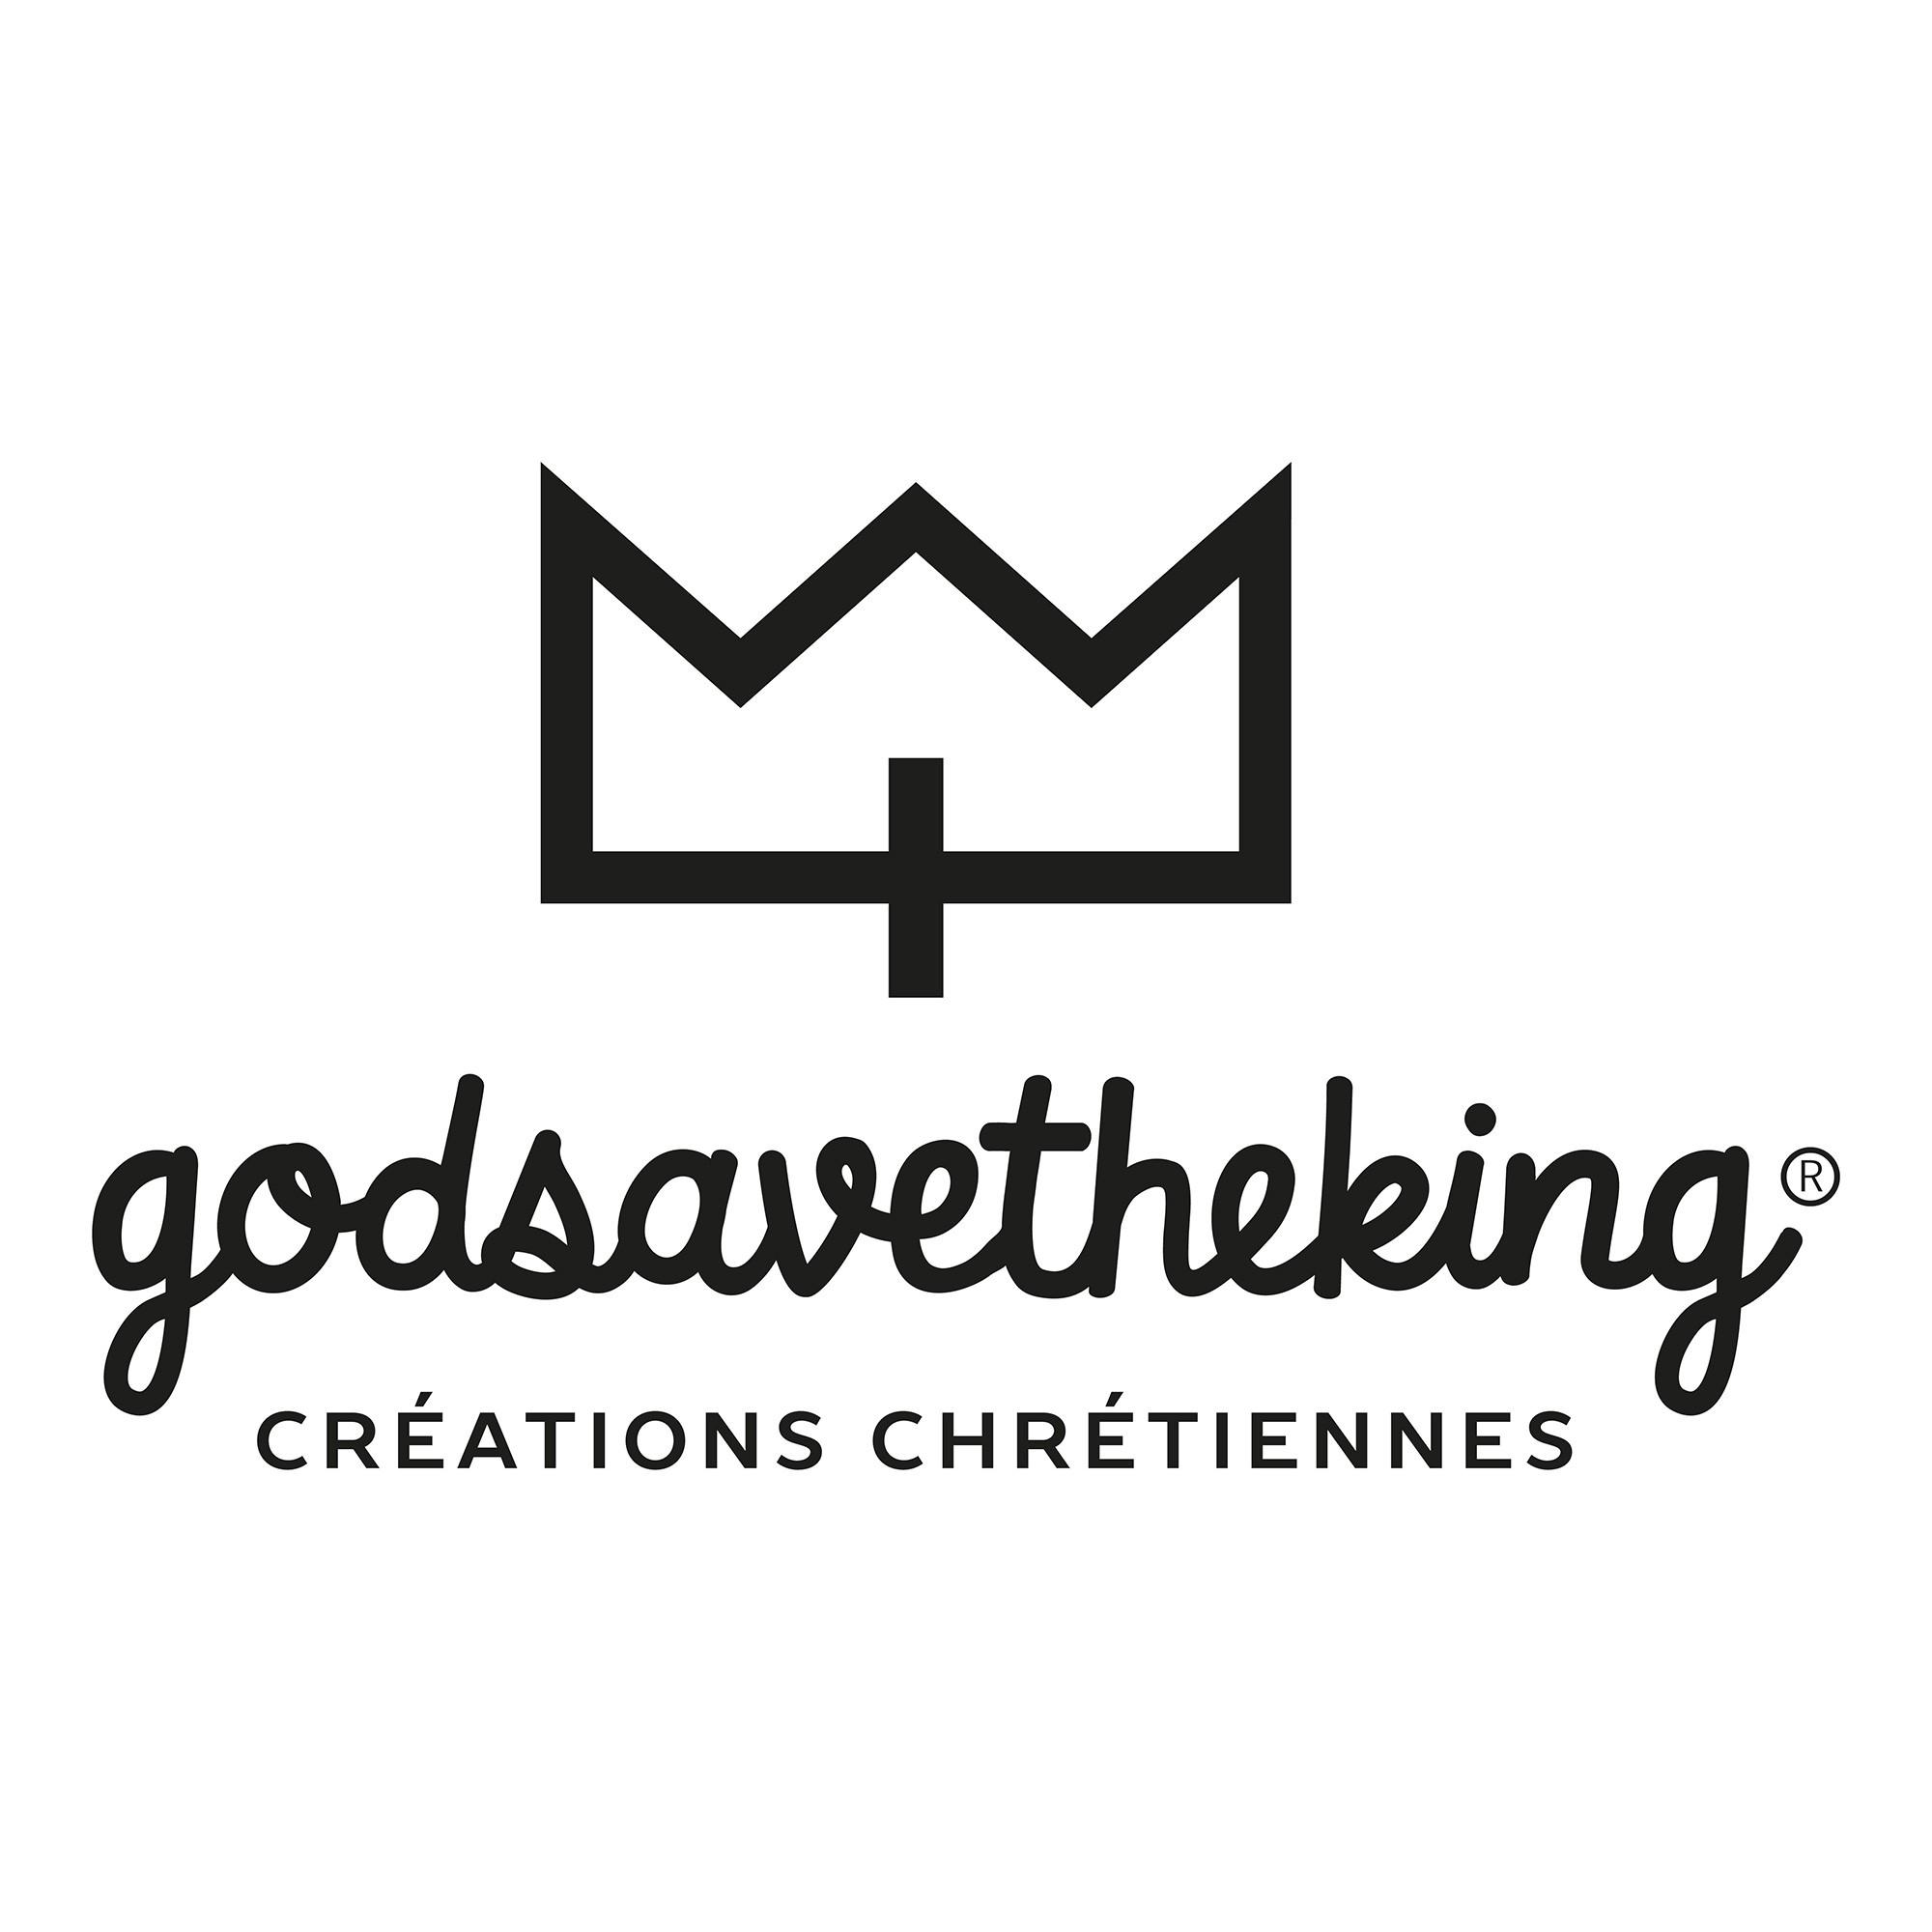 GODSAVETHEKING